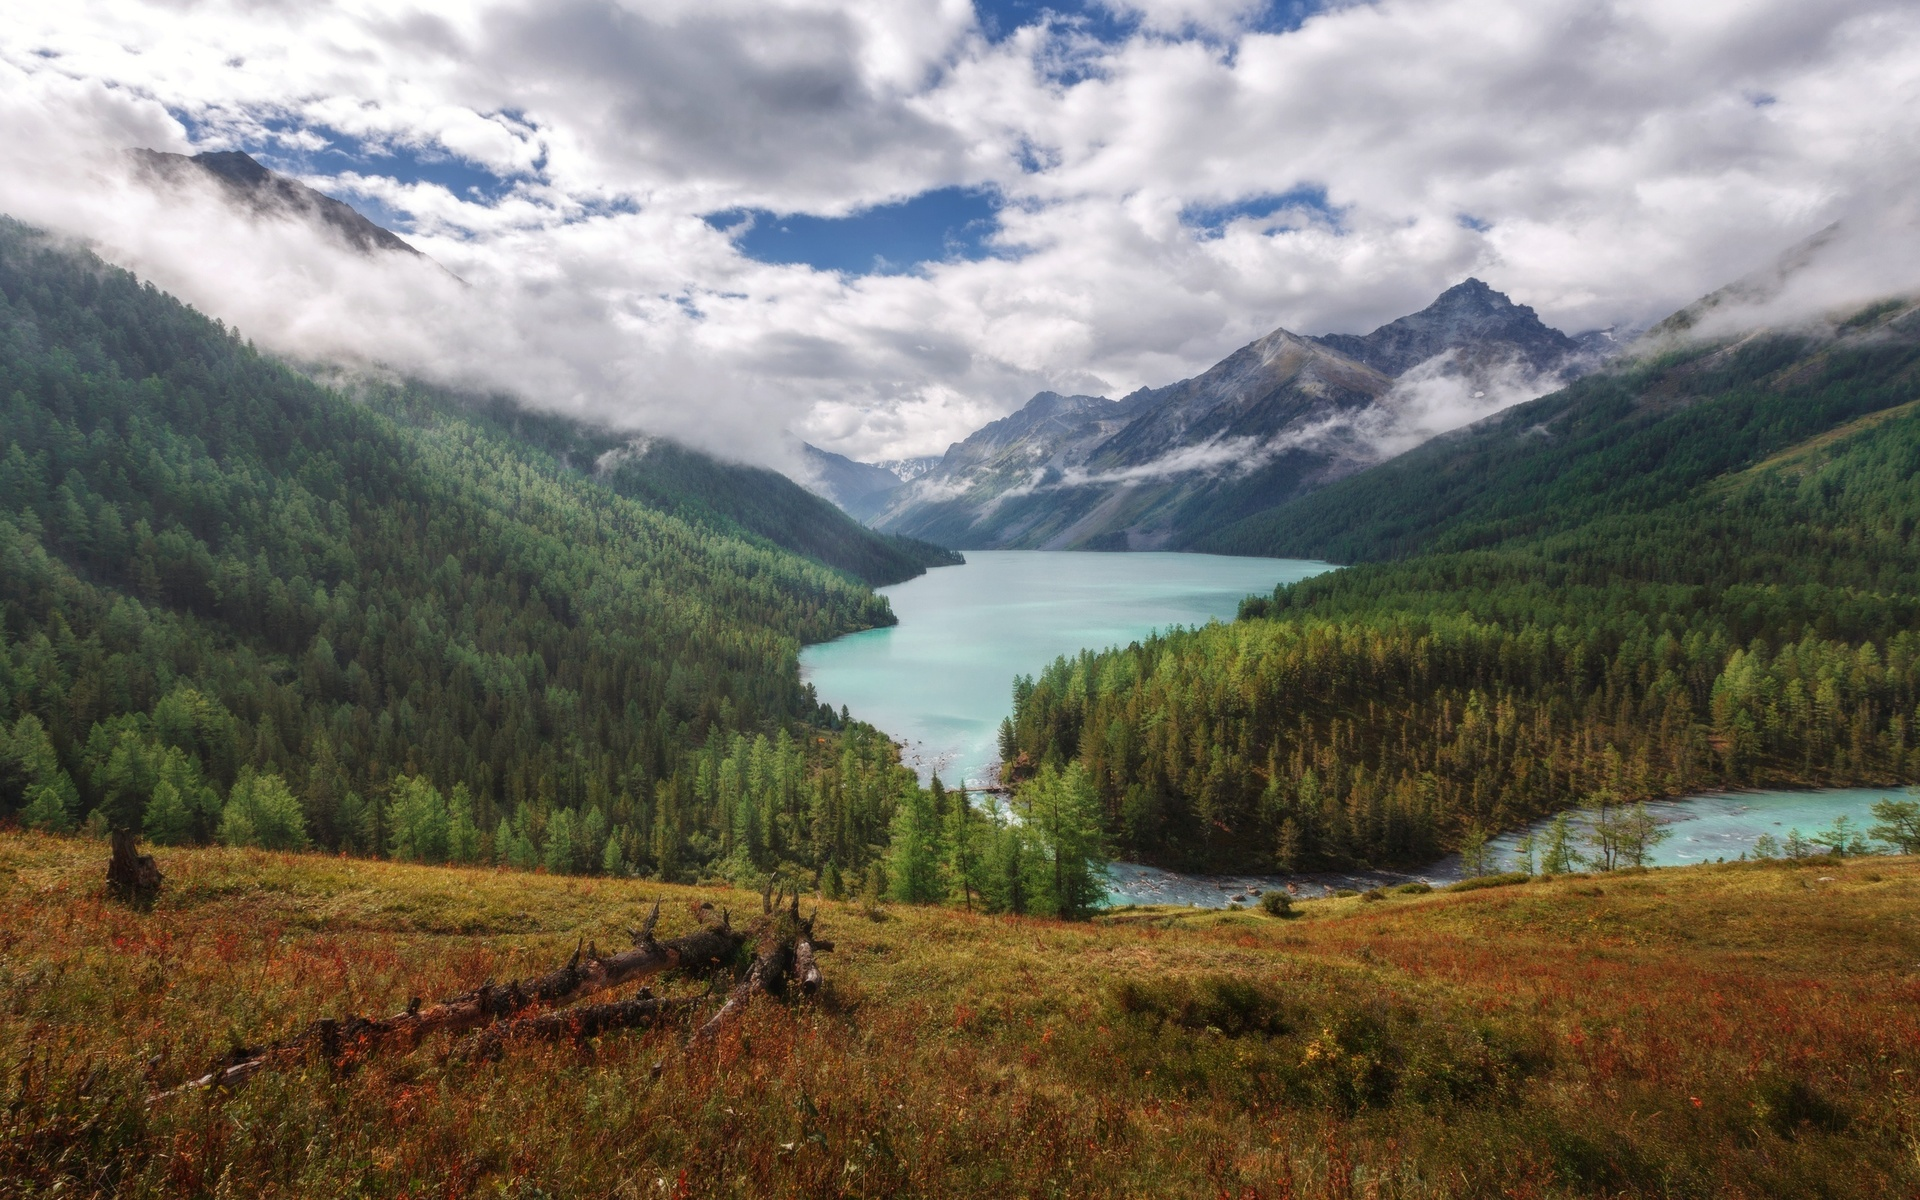 озеро, горы, лес, николай шевченко